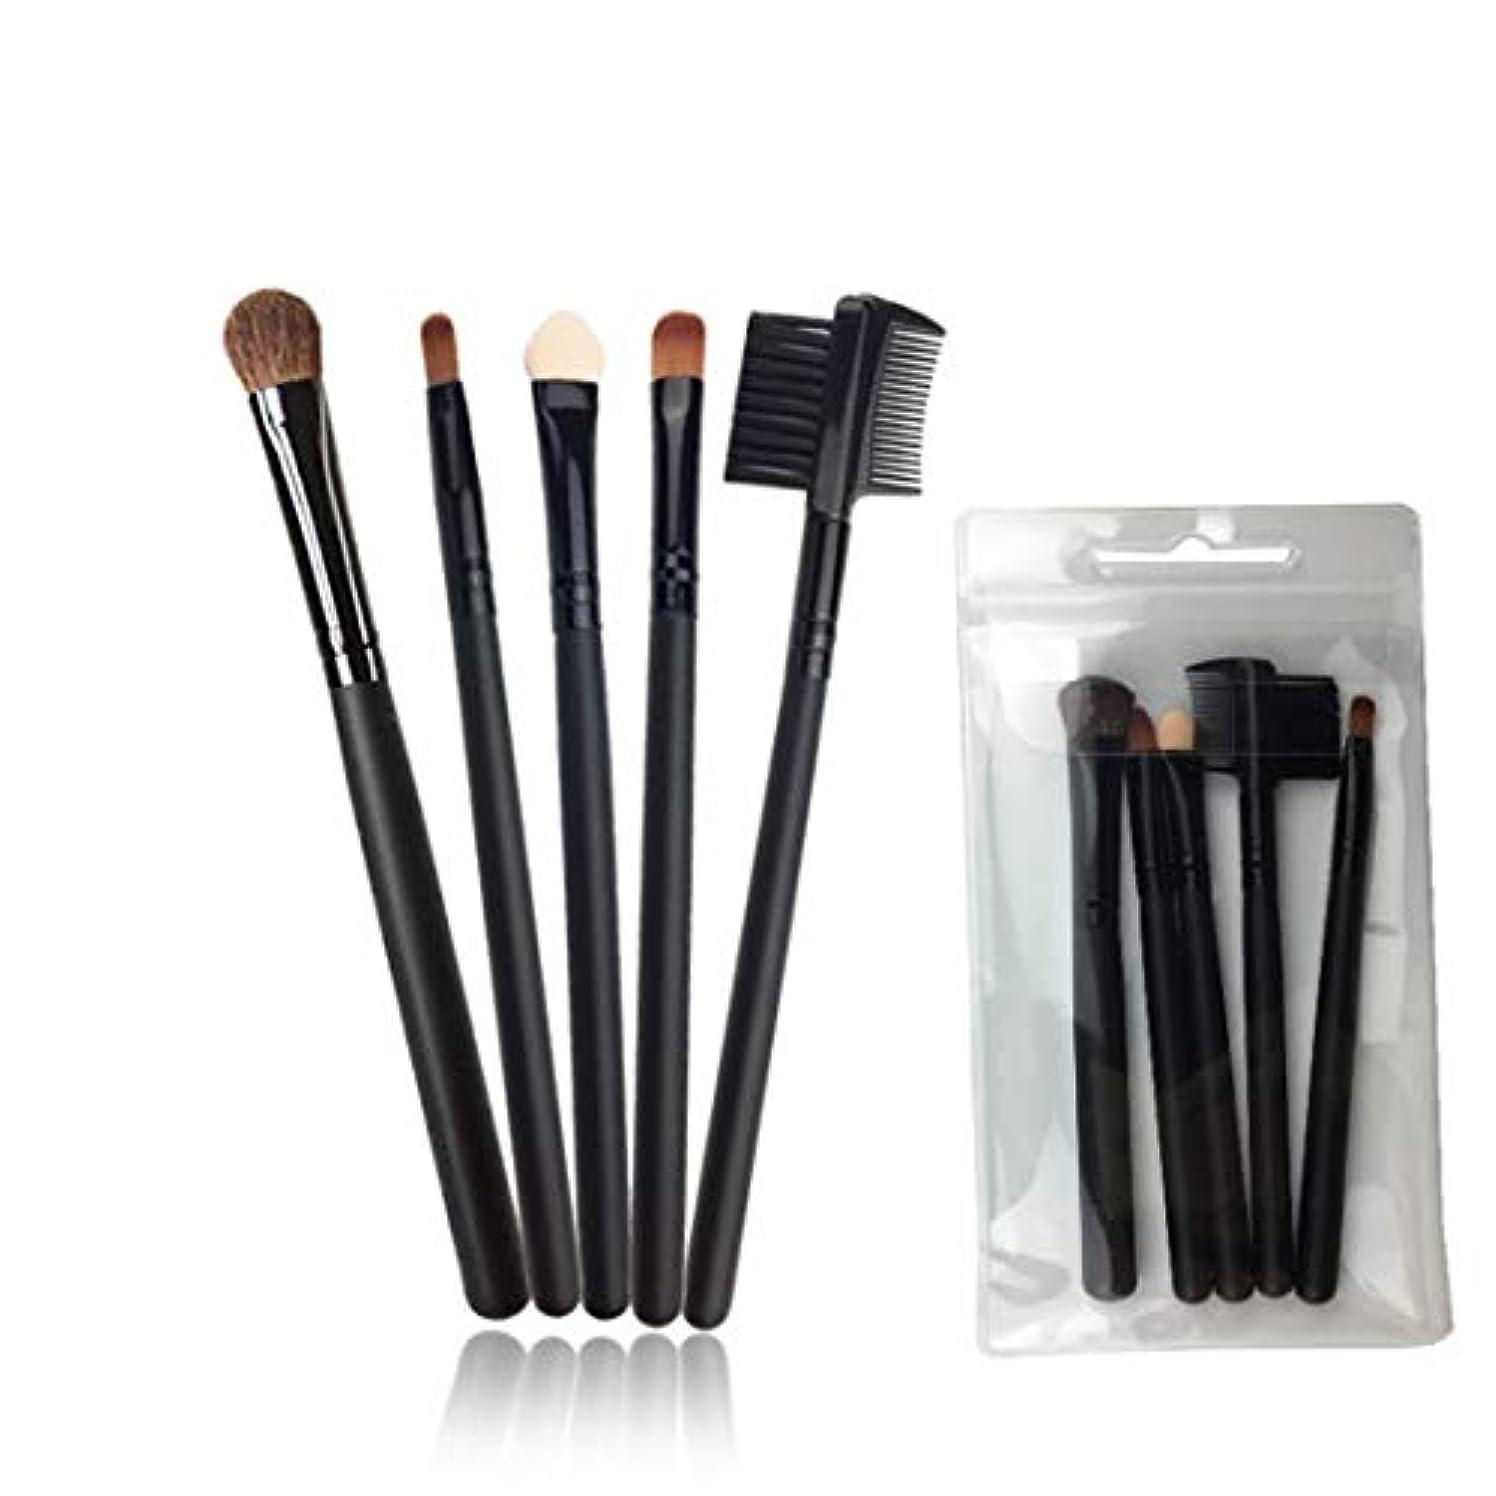 薬理学好き気を散らすMakeup brushes 黒、旅行ポータブルミニスカートアイメイクメイクツールメイクブラシセット用5メイクブラシ suits (Color : Black)